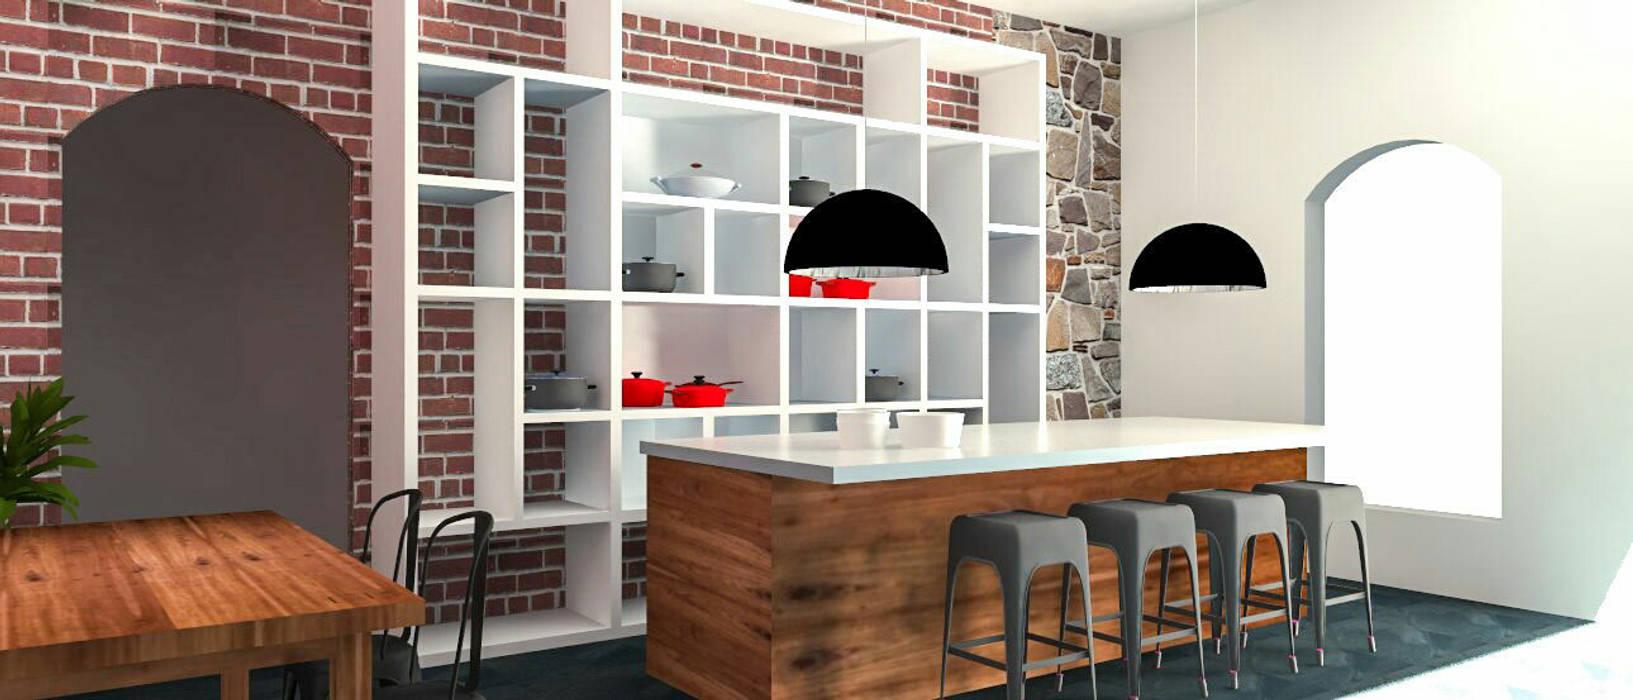 LUOVA CORPORATIVO.  Diseño Interior y Equipamiento a Medida de LOCAL Alma Gourmet: Estudios y oficinas de estilo  por LUOVA Interiorismo